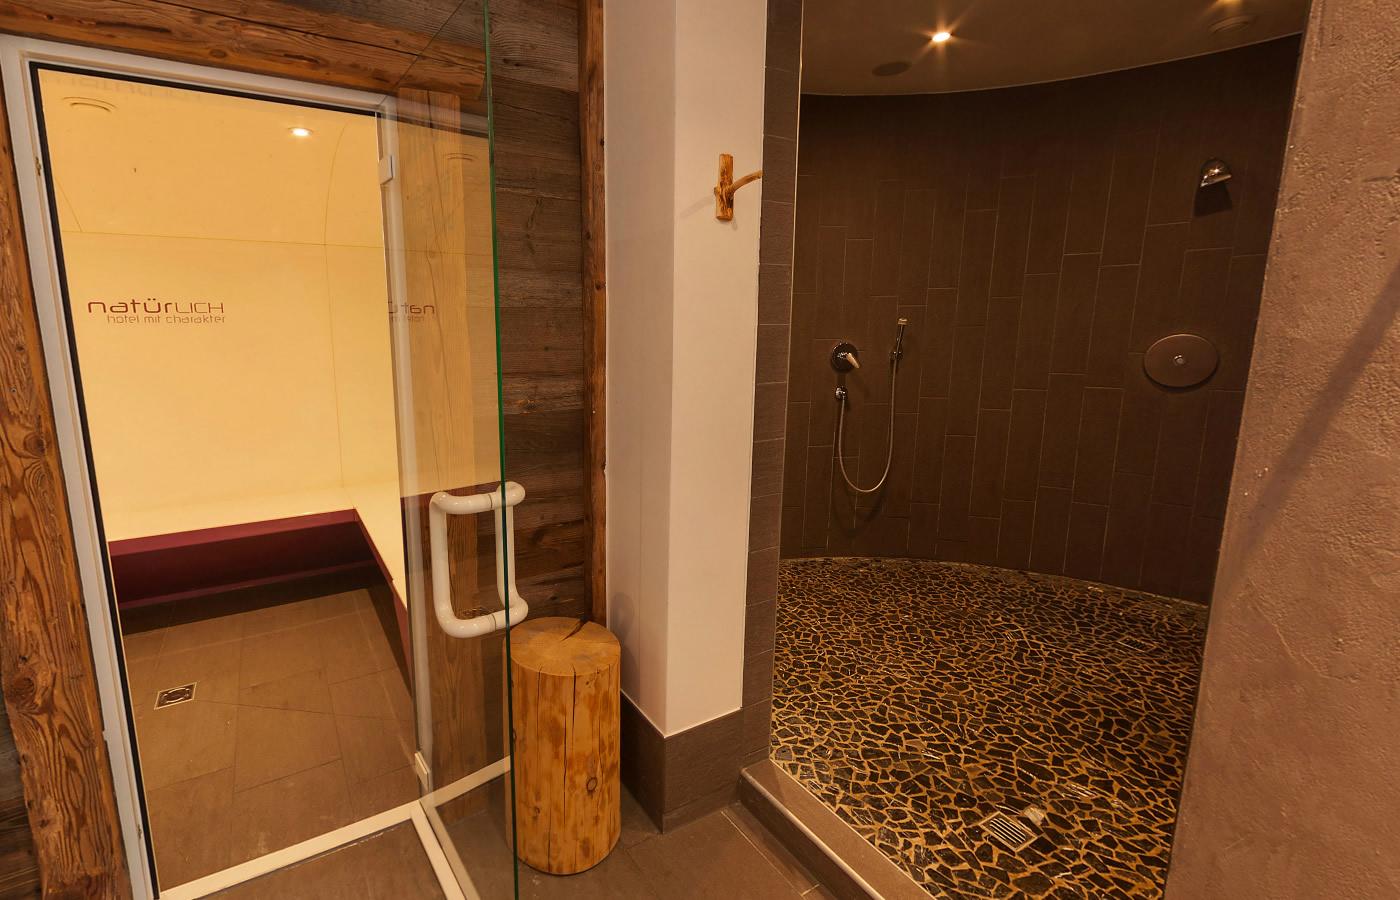 Dampfbad und Duschen des Hotels.